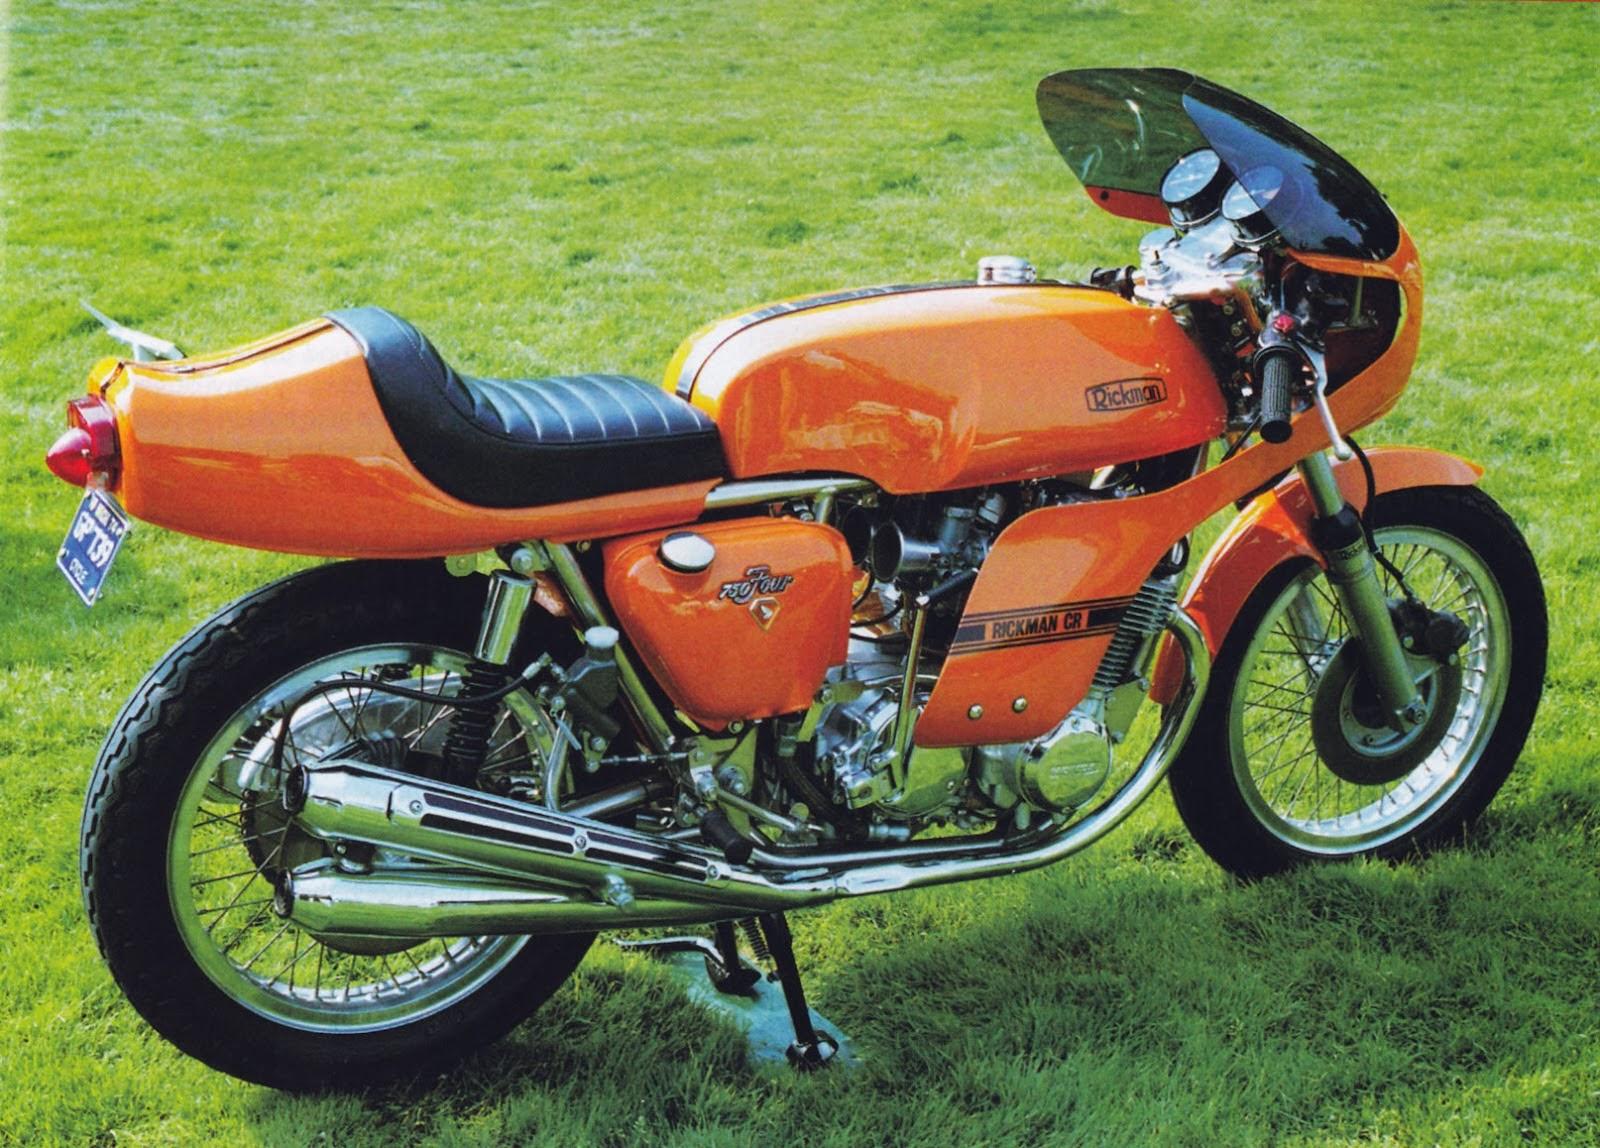 Rickman Metisse on Used Honda Motorcycle Engines